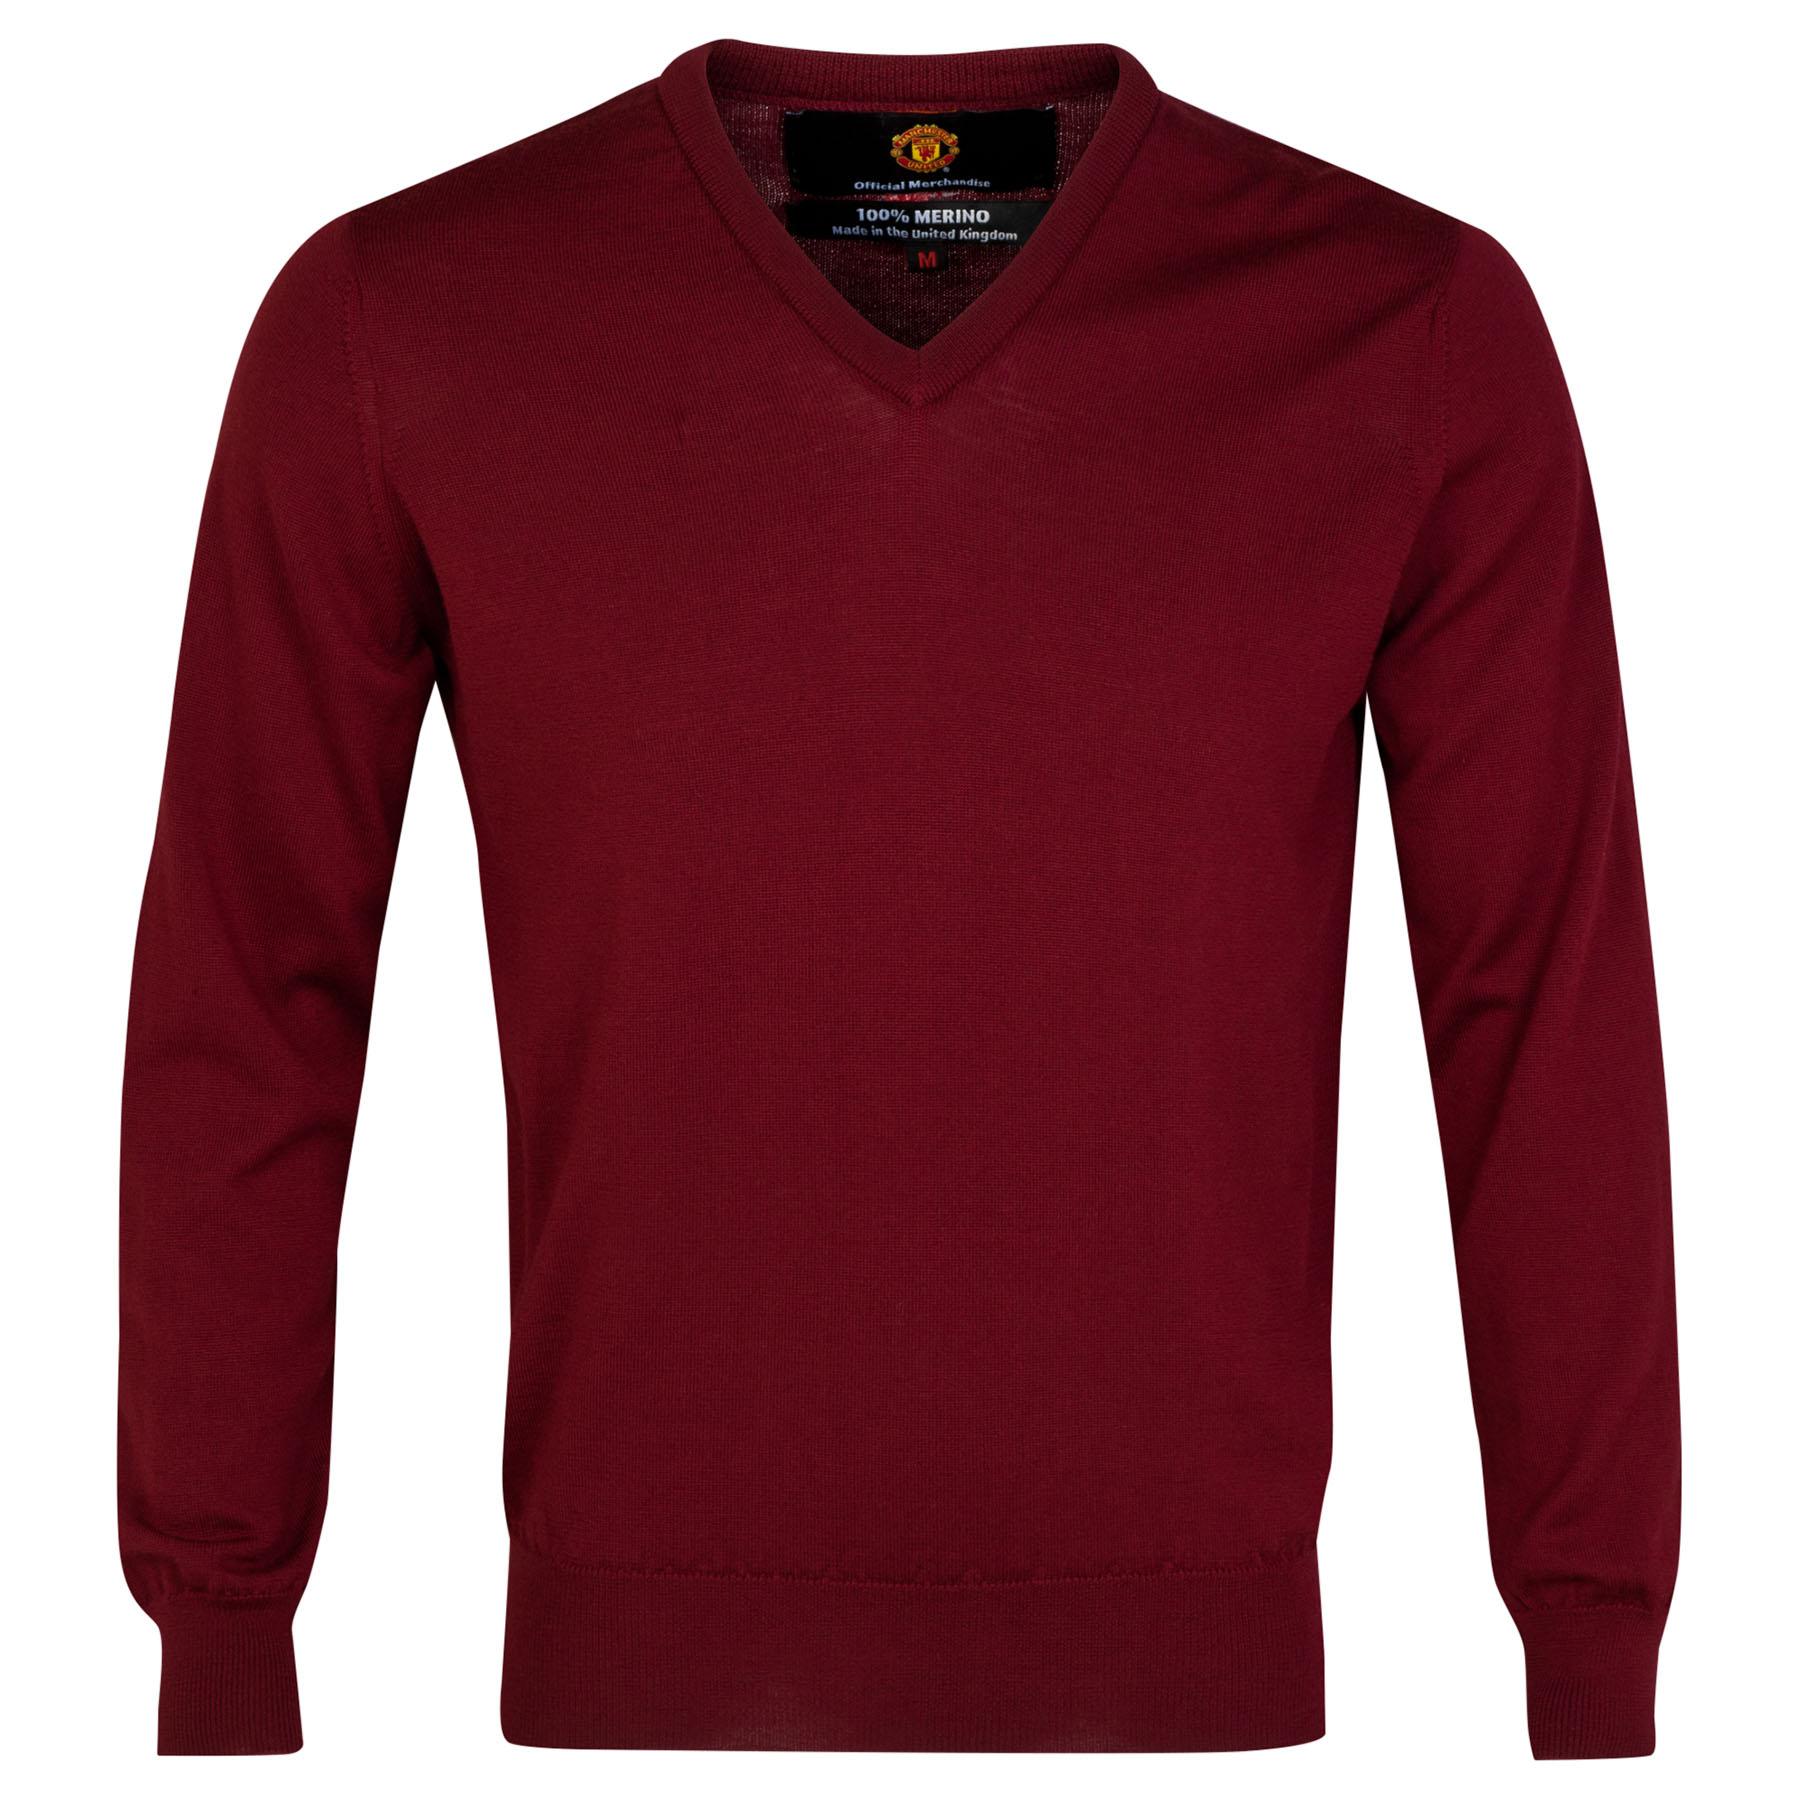 Manchester United Merino V Neck Sweater - Bordeaux - Mens